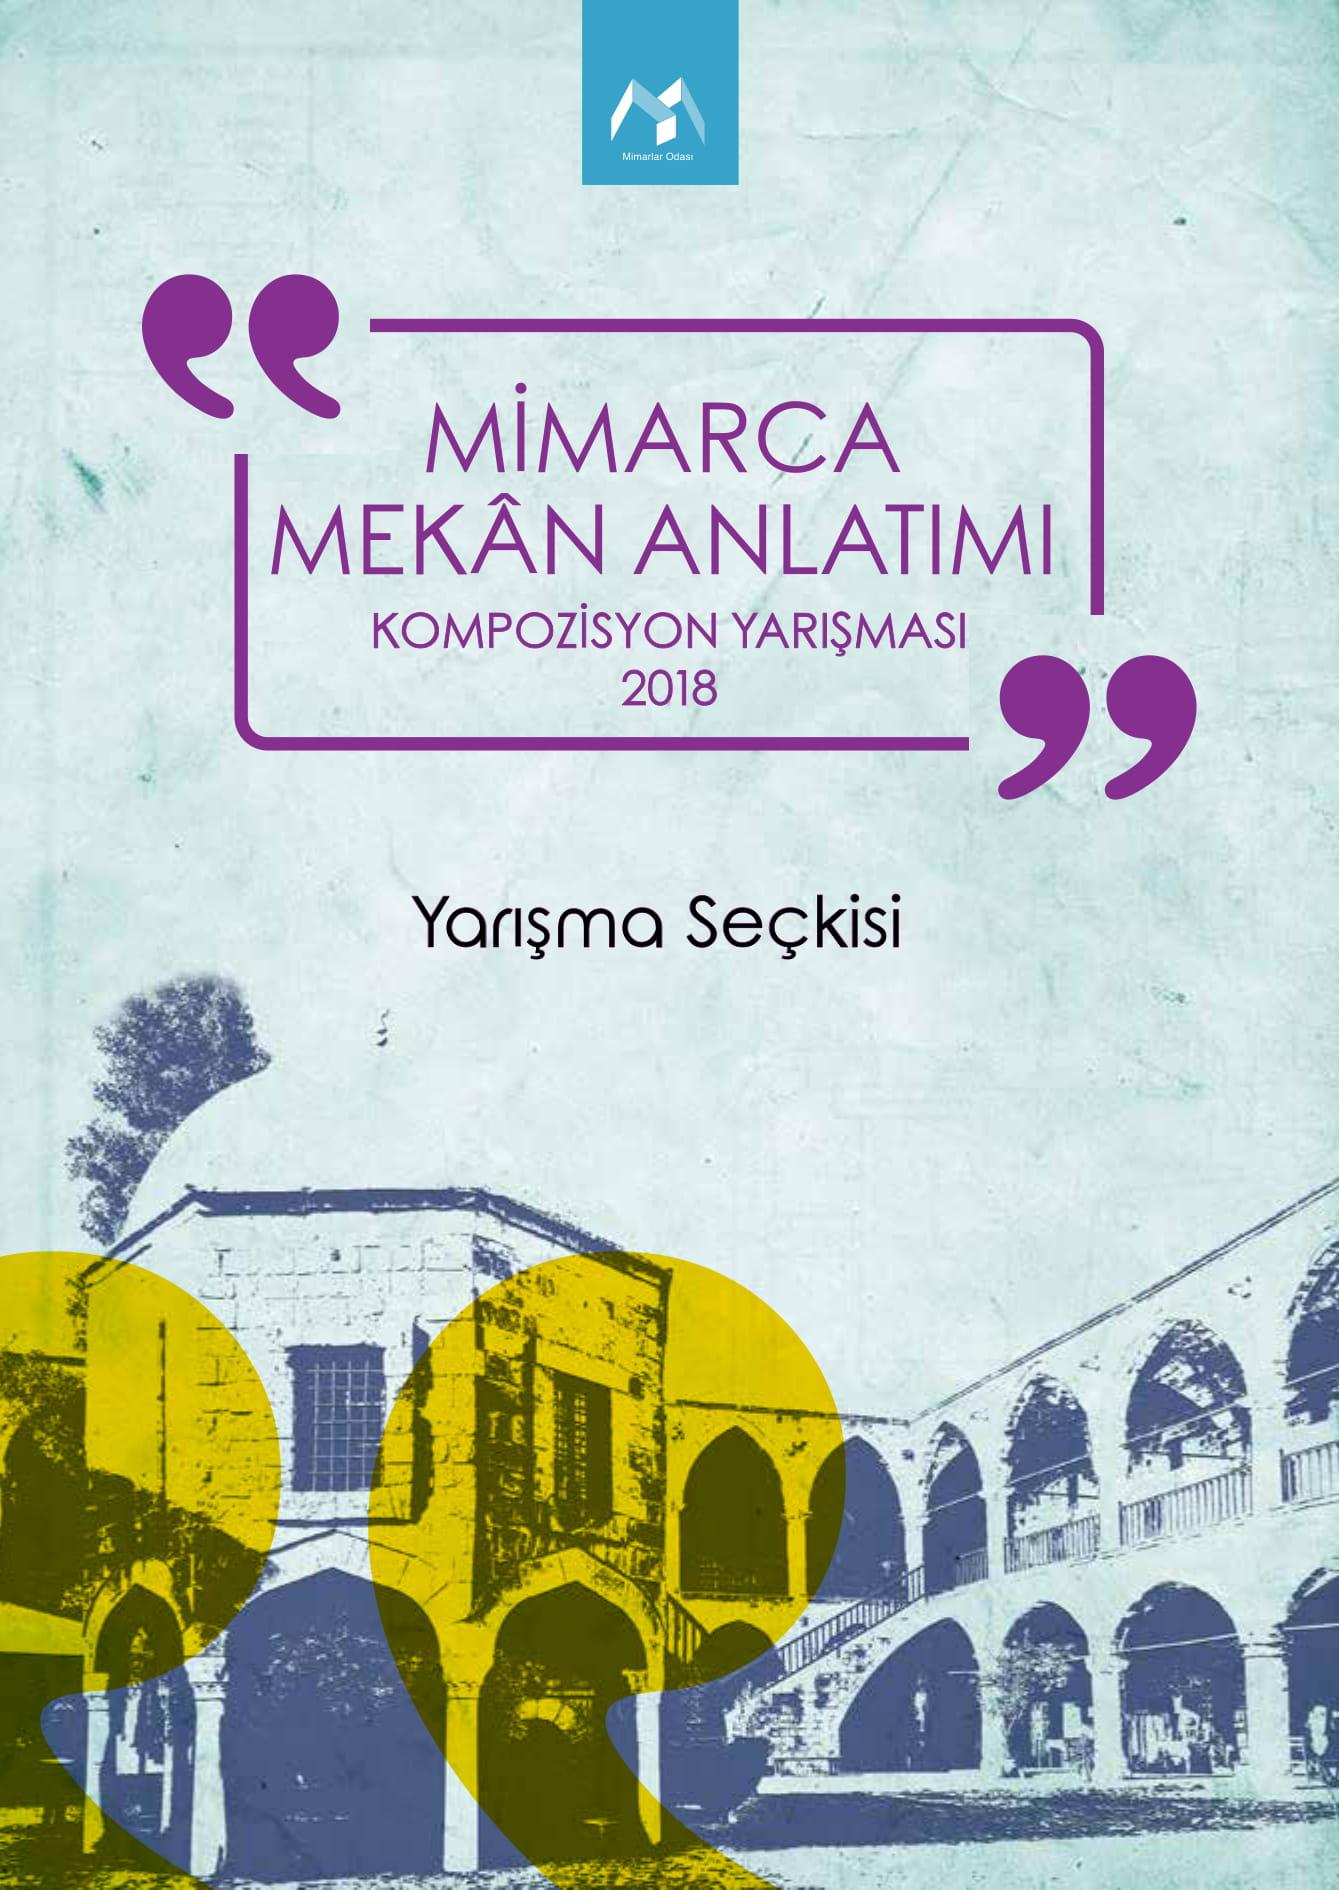 KTMMOB- MİMARLAR ODASI / MİMARCA MEKÂN ANLATIMI KOMPOZİSYON YARIŞMASI – 2018